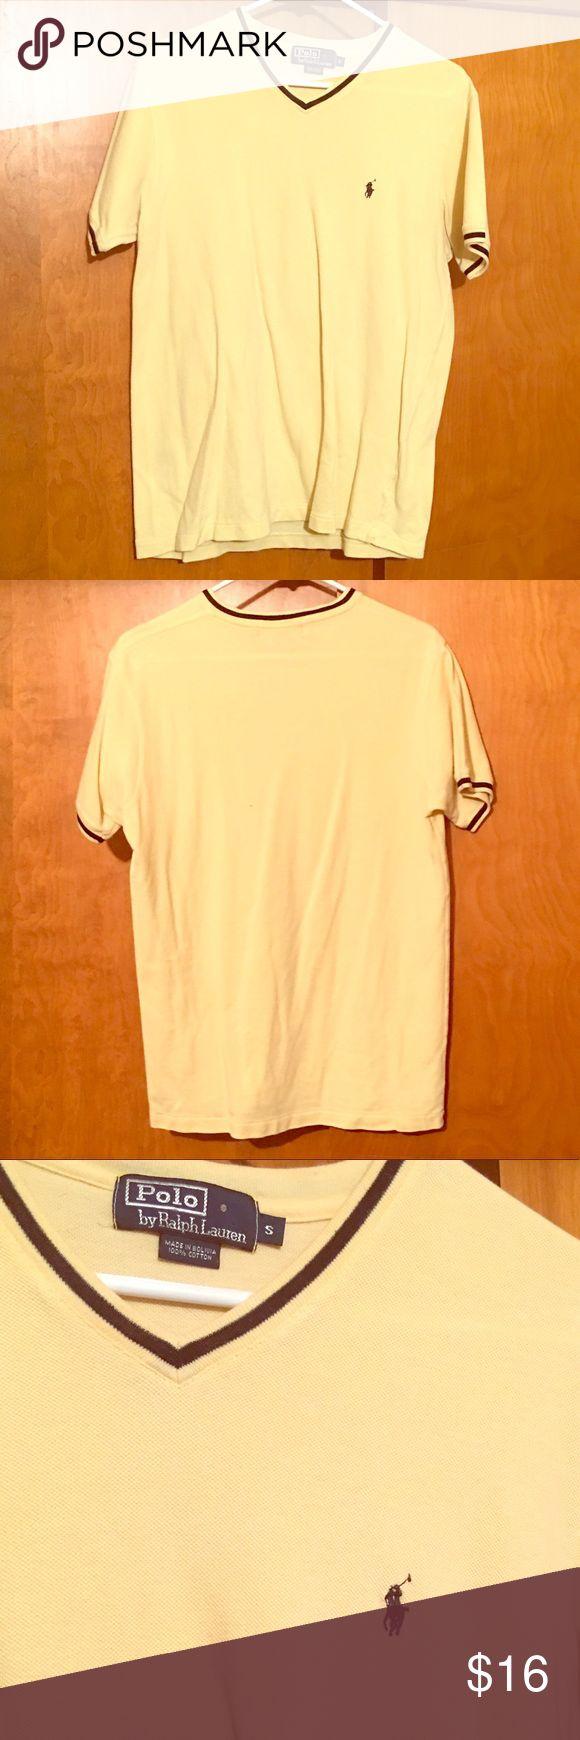 🎉SALE🎉Ralph Lauren Polo T-shirt Ralph Lauren Polo v-neck t-shirt. Men's size S. Polo by Ralph Lauren Shirts Tees - Short Sleeve